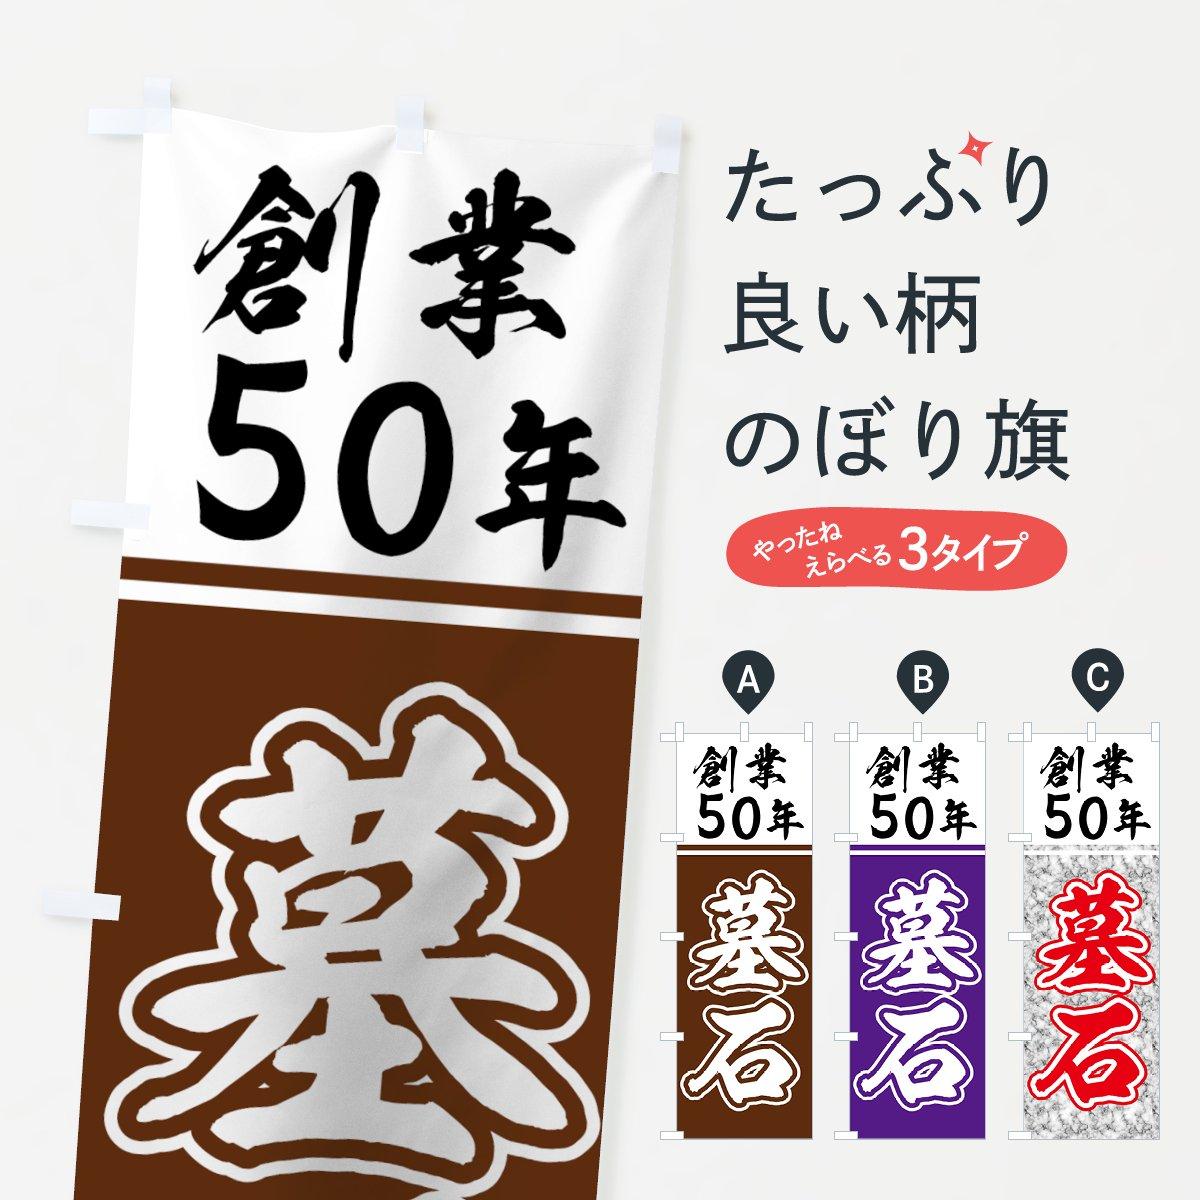 【値替無料】のぼり旗 墓石 創業50年